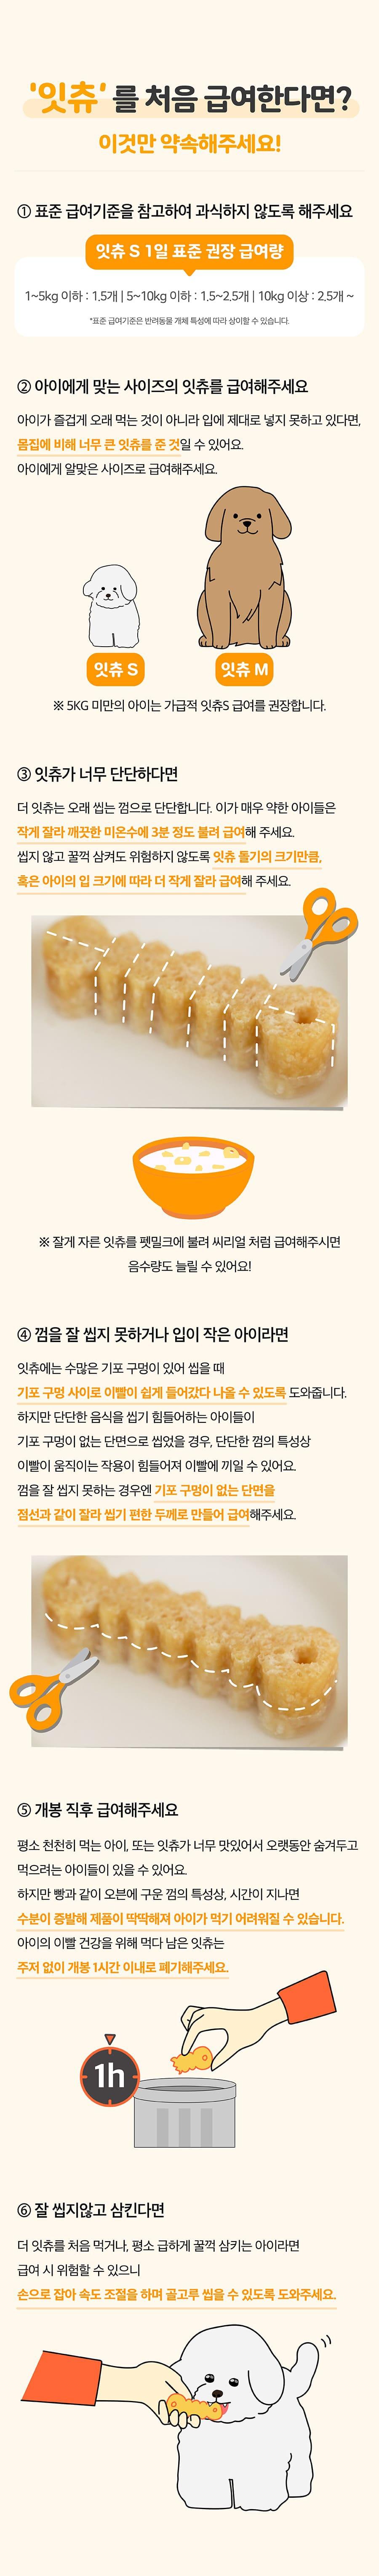 [오구오구특가]it 더 잇츄 옐로우 s (10개입)-상품이미지-19